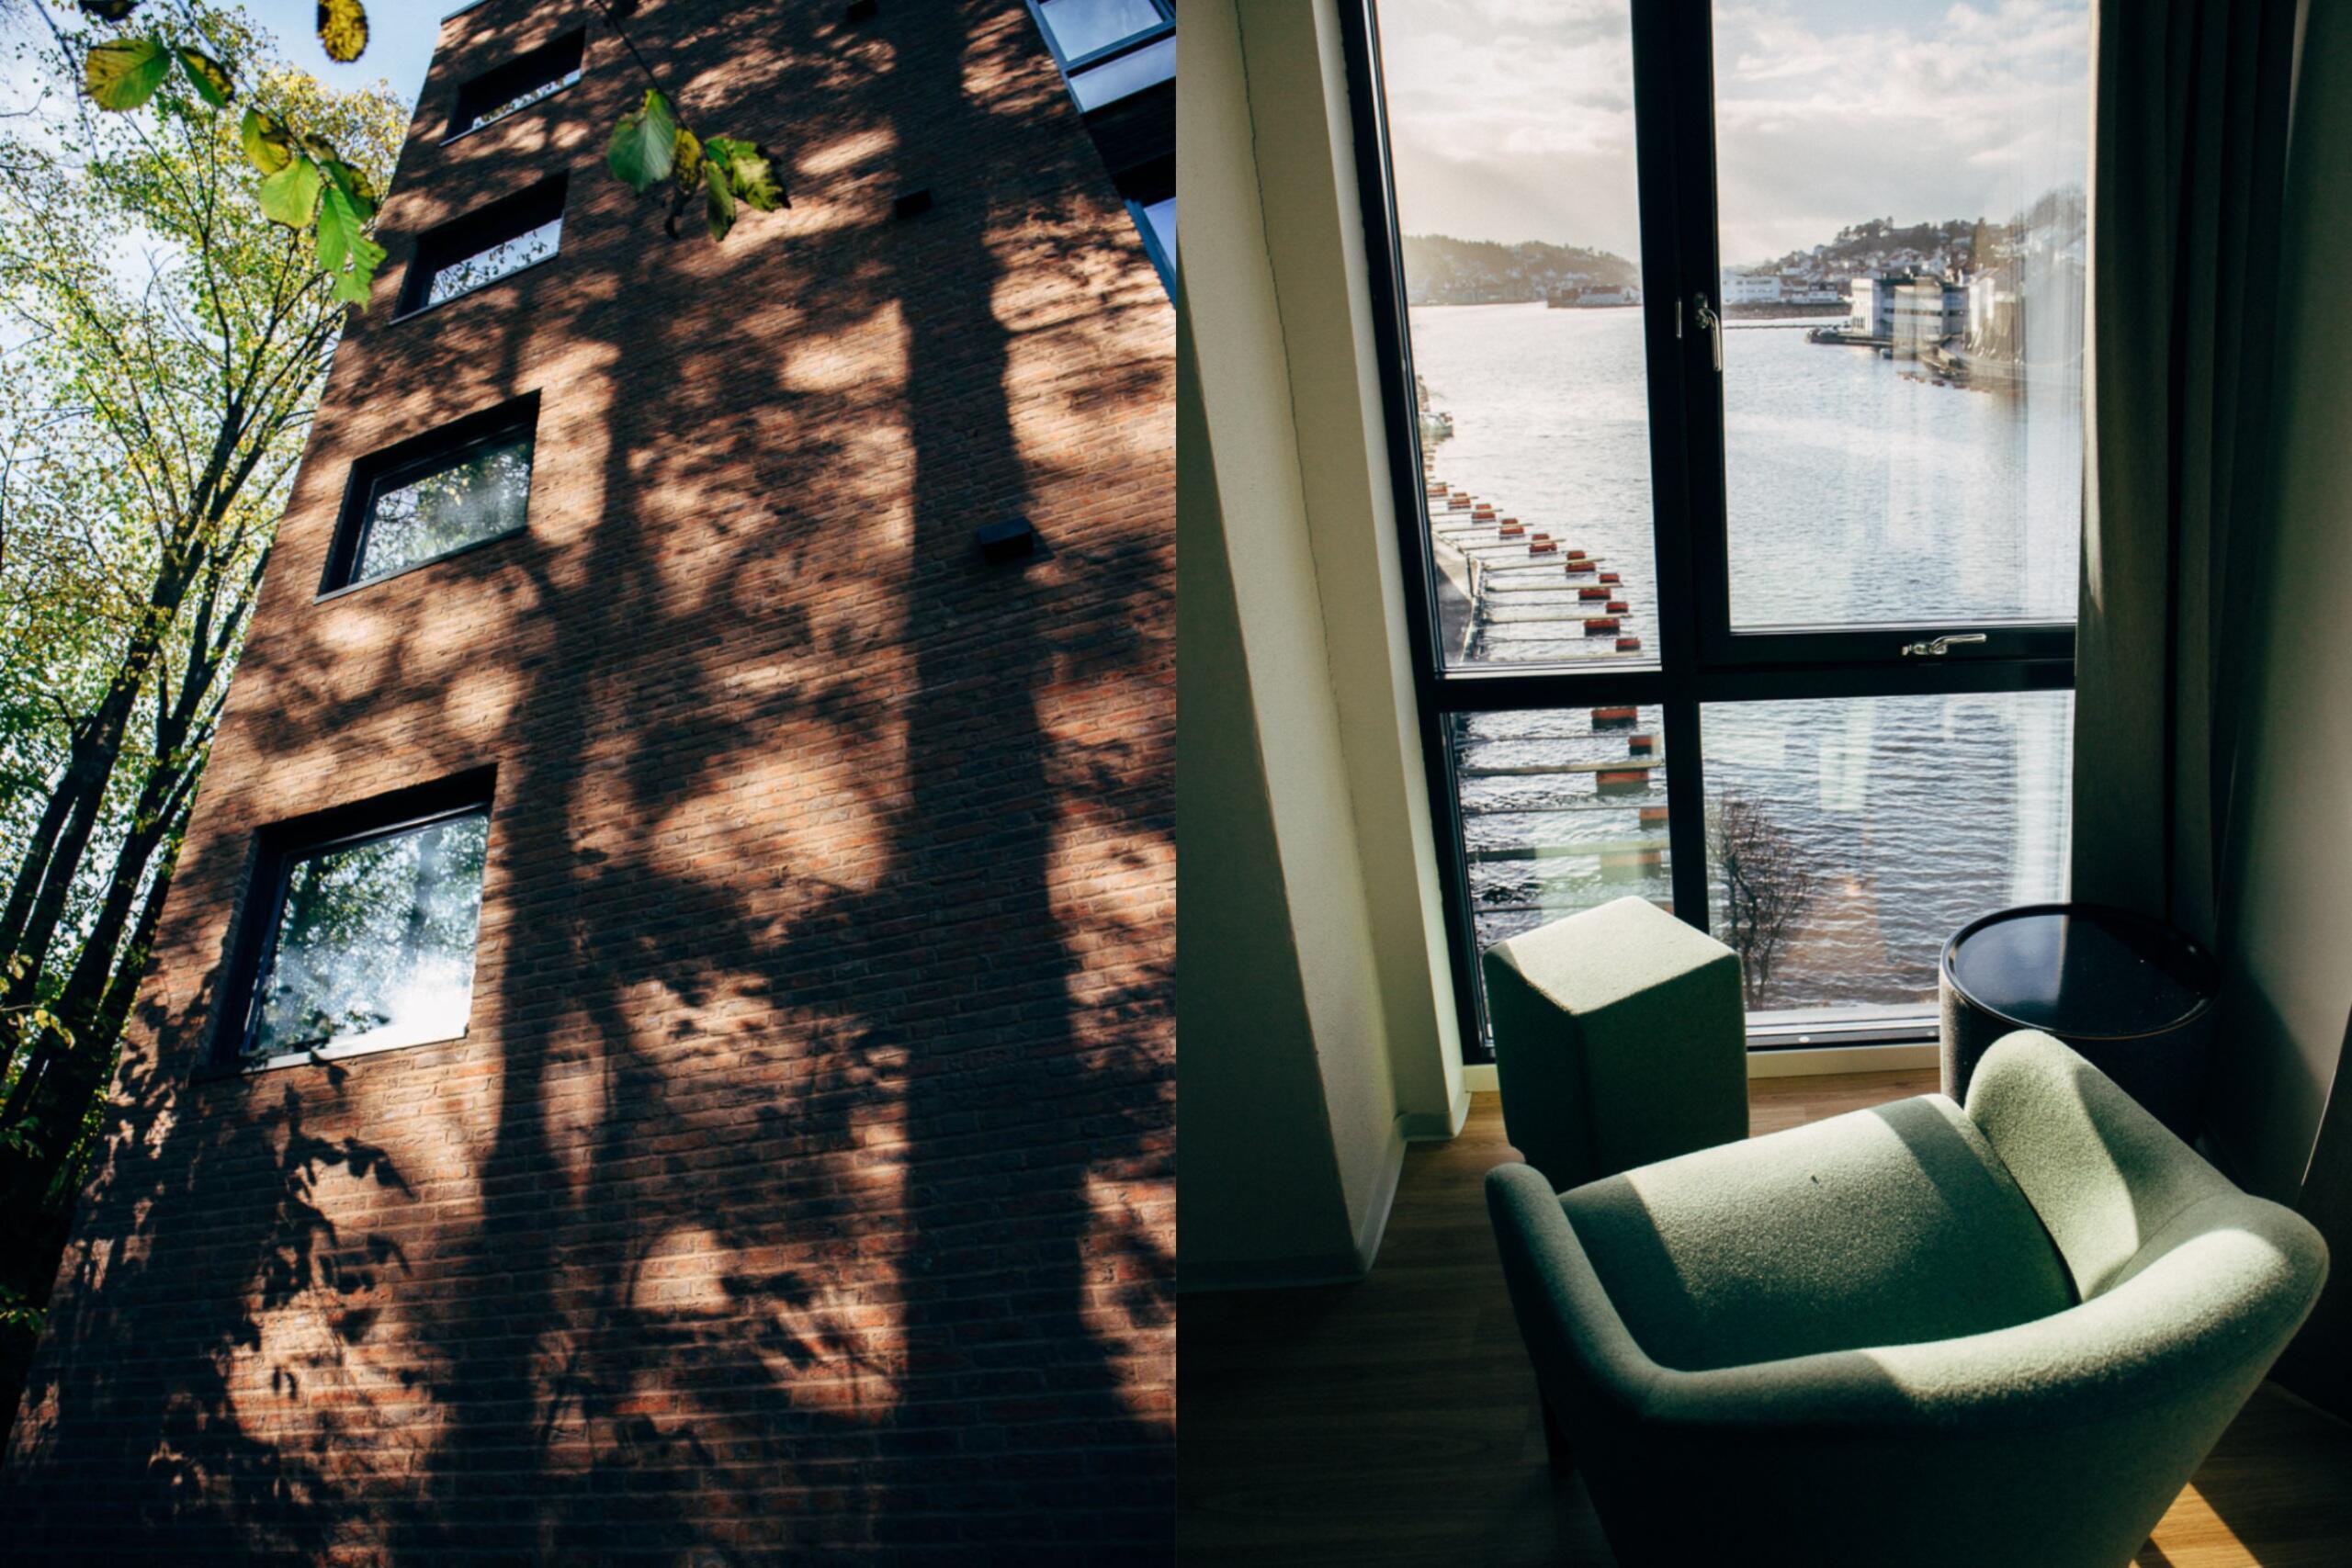 Til venstre: Vegg med skygge fra tre, Tyrilisenteret i Skien. Til høyre: Utsikt over Kittelsbukt, Tyrili Arena Arendal.